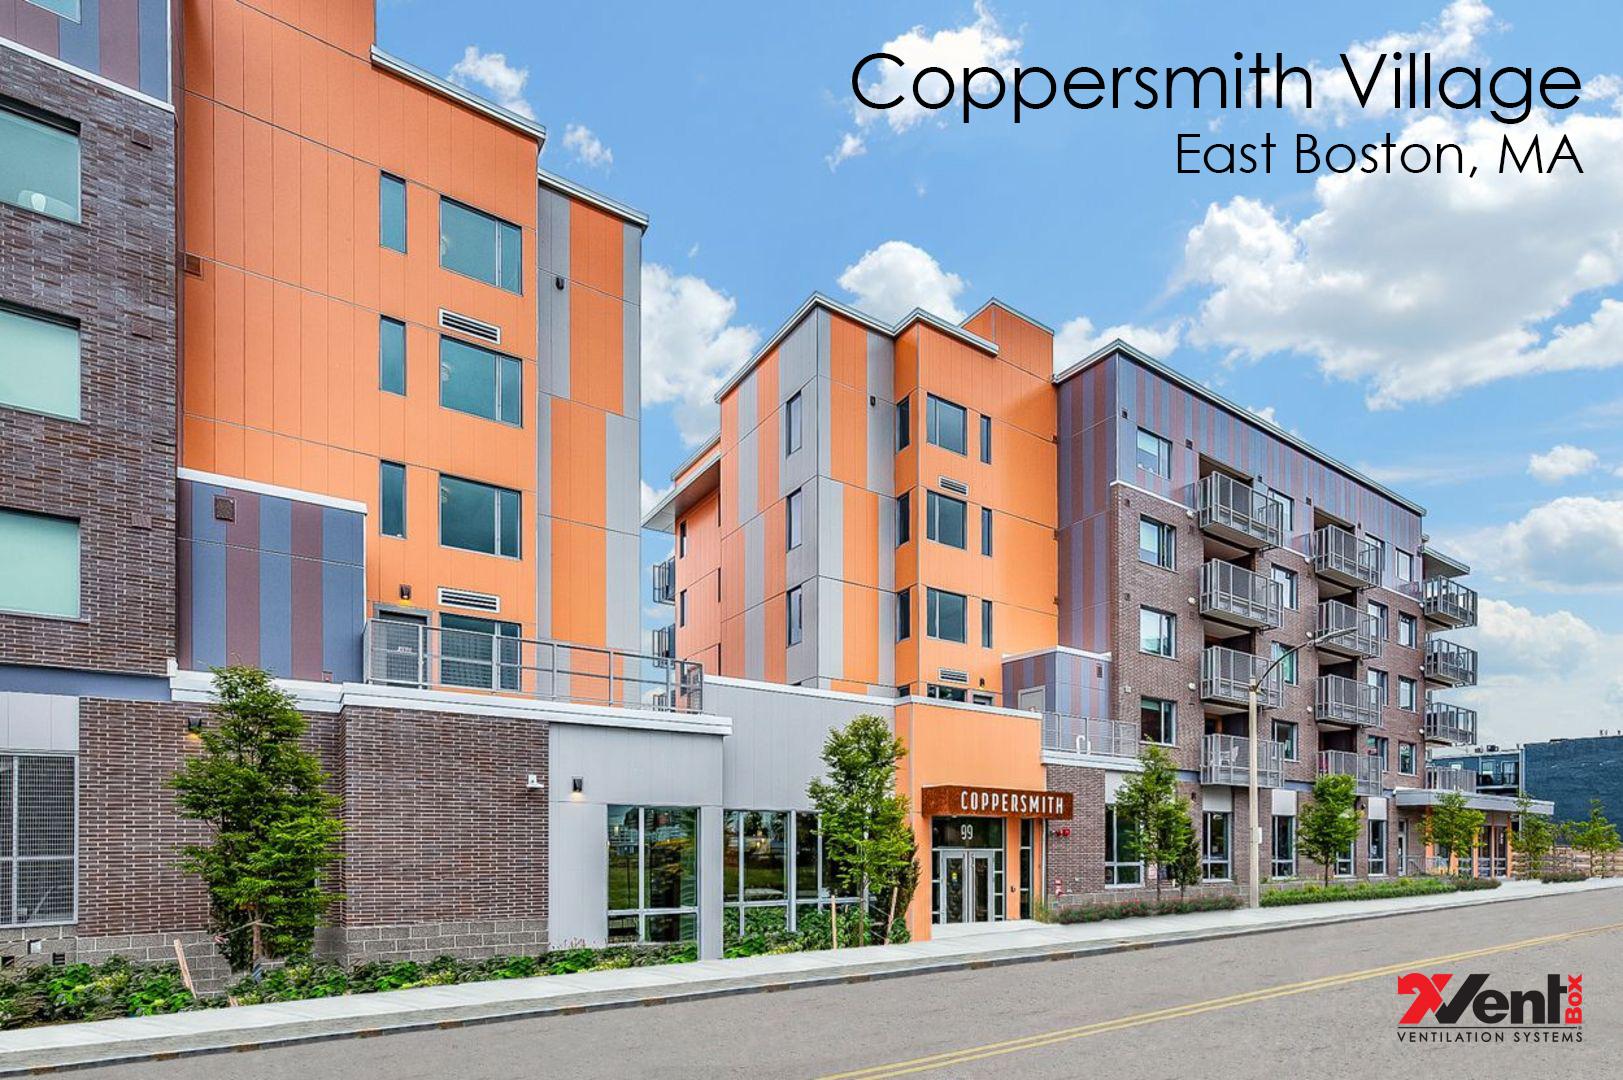 Coppersmith Village